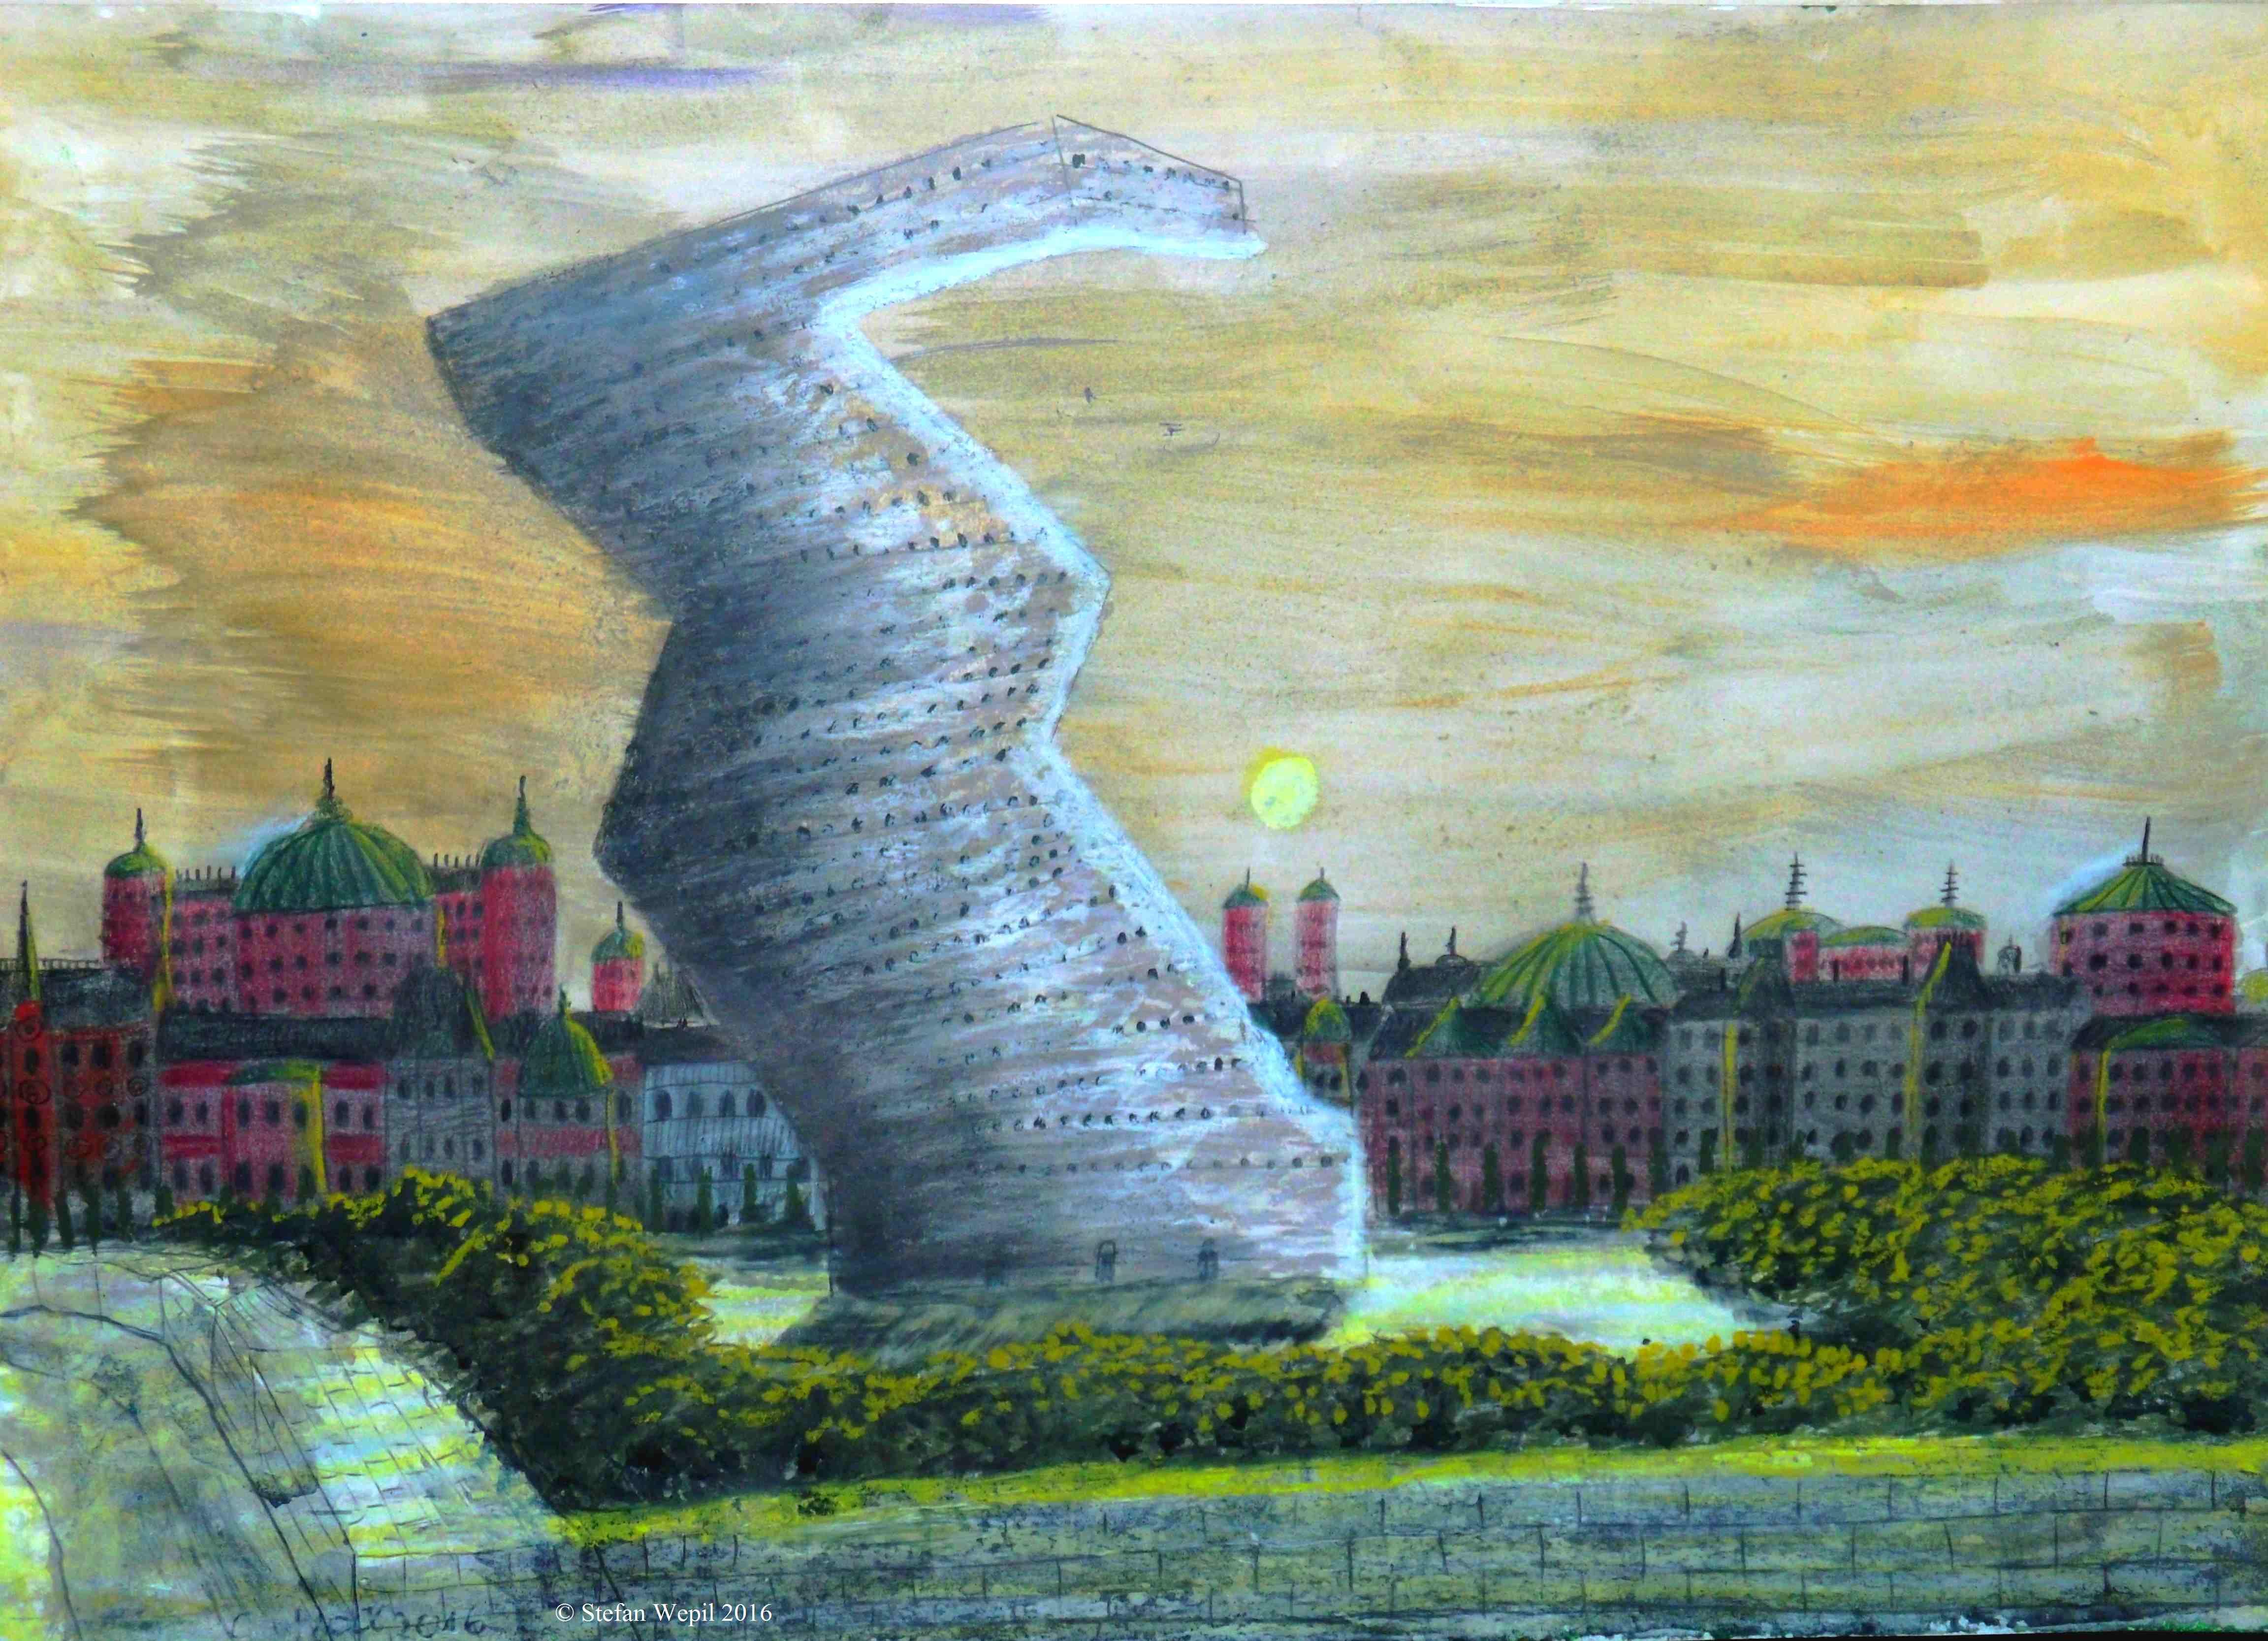 Der unmögliche Turm von Dom auf dem Planeten Dorgon (C) Stefan Wepil